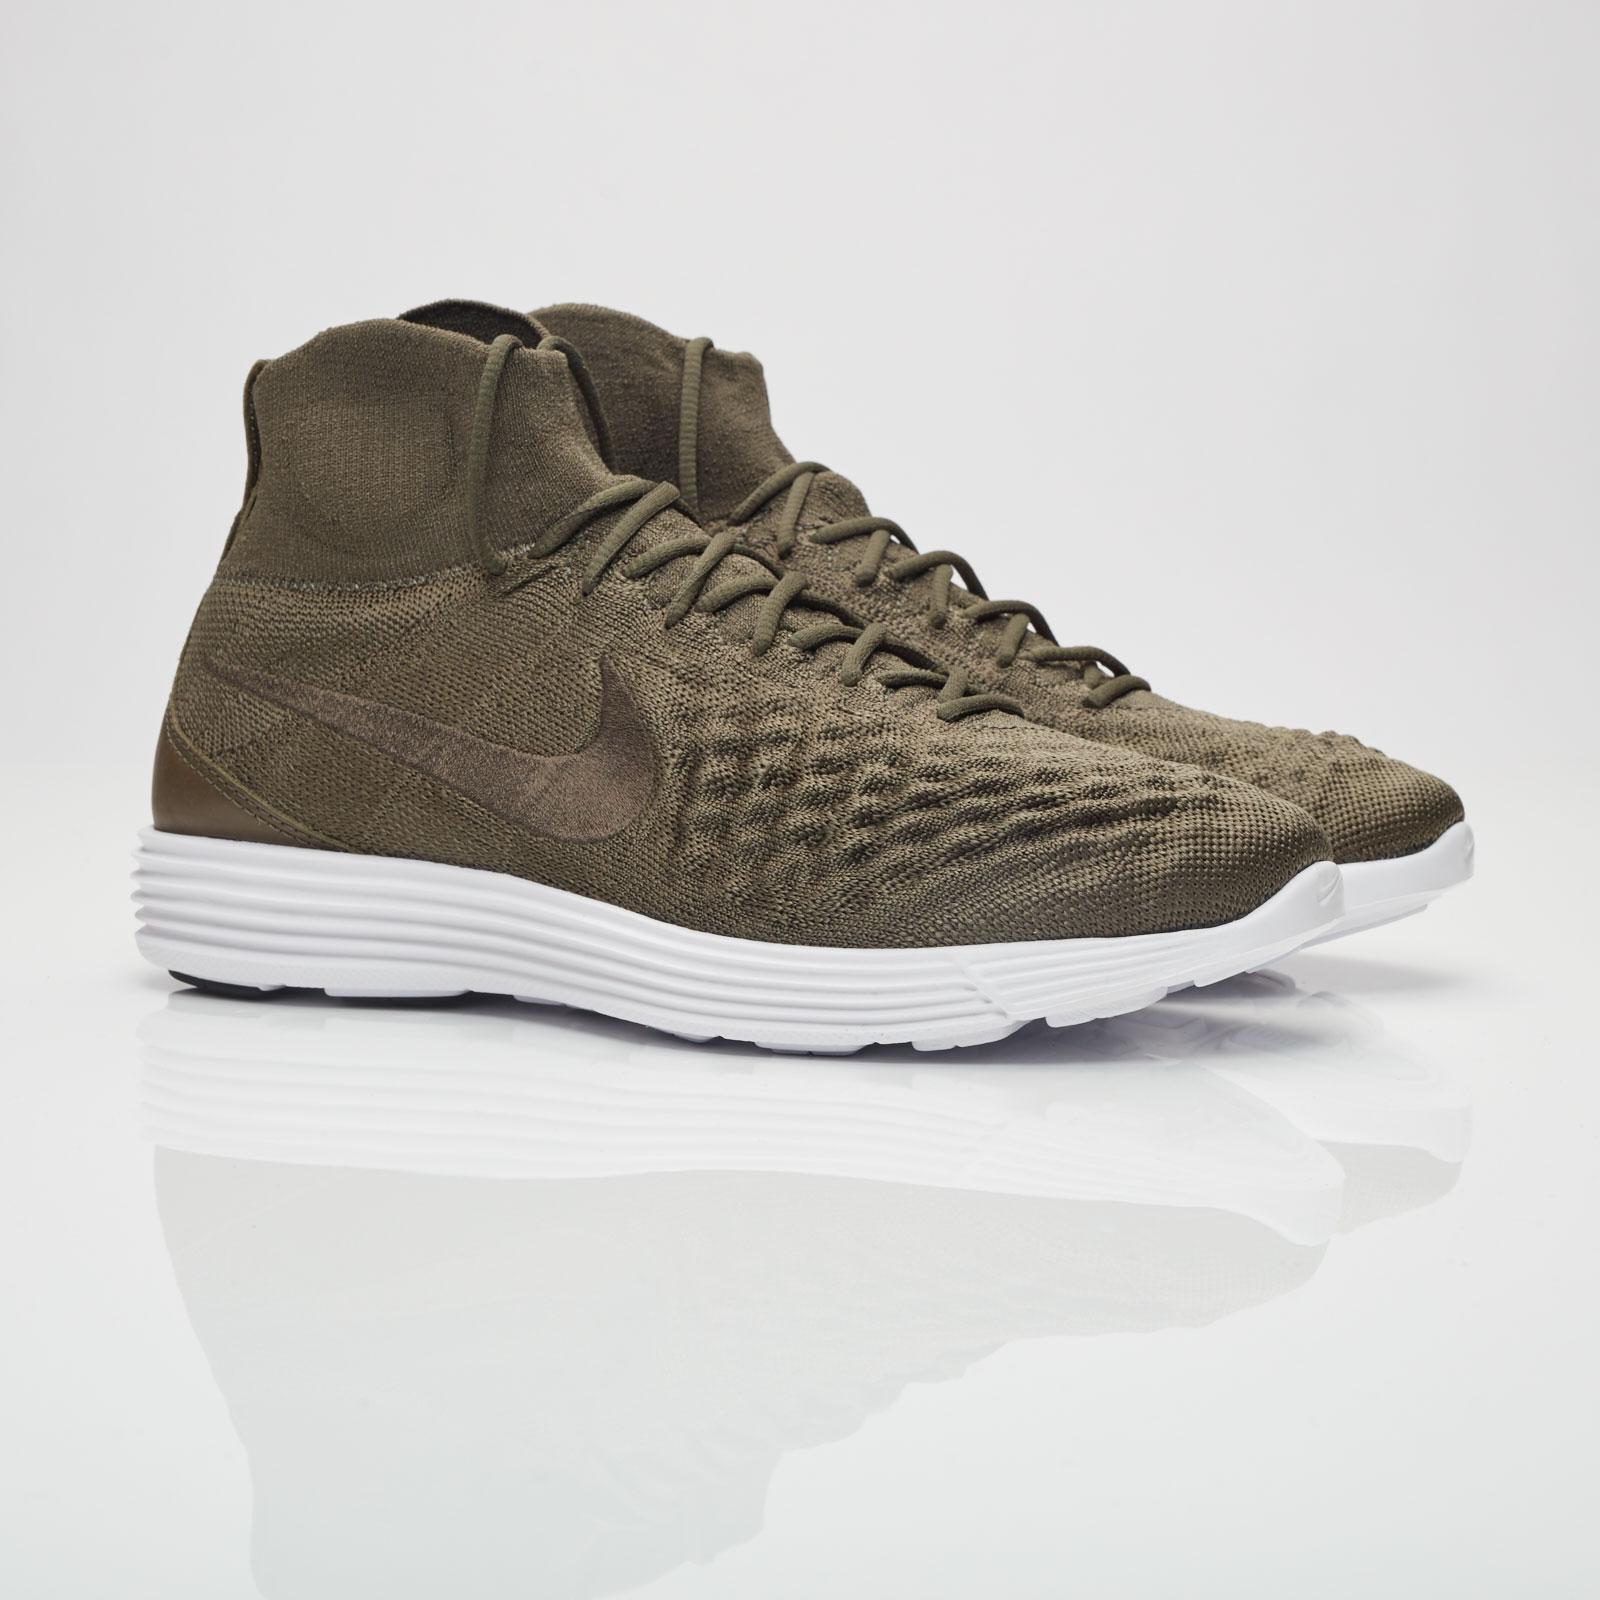 f69117797ee63 Nike Lunar Magista Ii Flyknit - 852614-300 - Sneakersnstuff ...